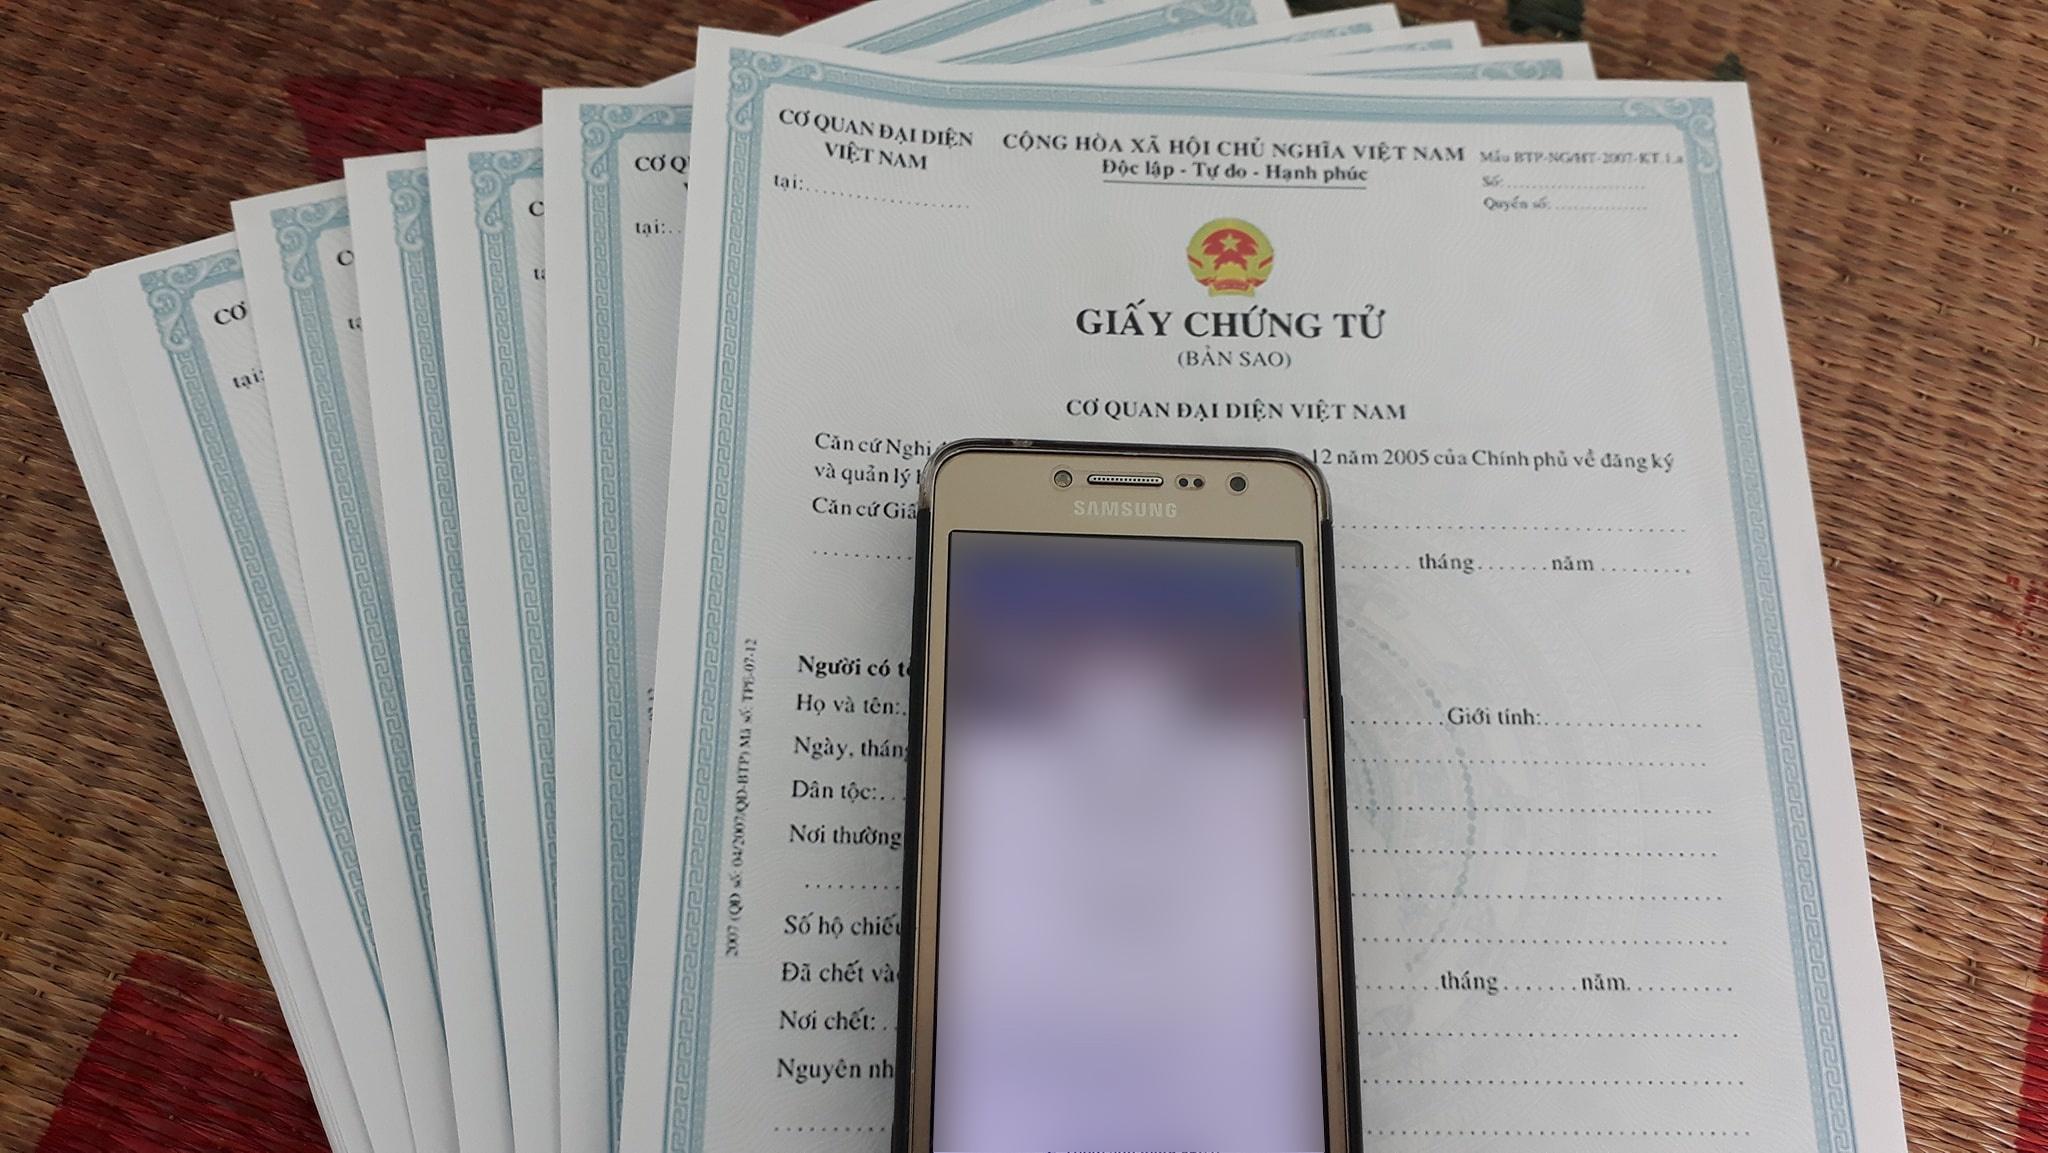 Đánh sập Facebook cá nhân bằng giấy chứng tử tại VN - Công nghệ - ZING.VN